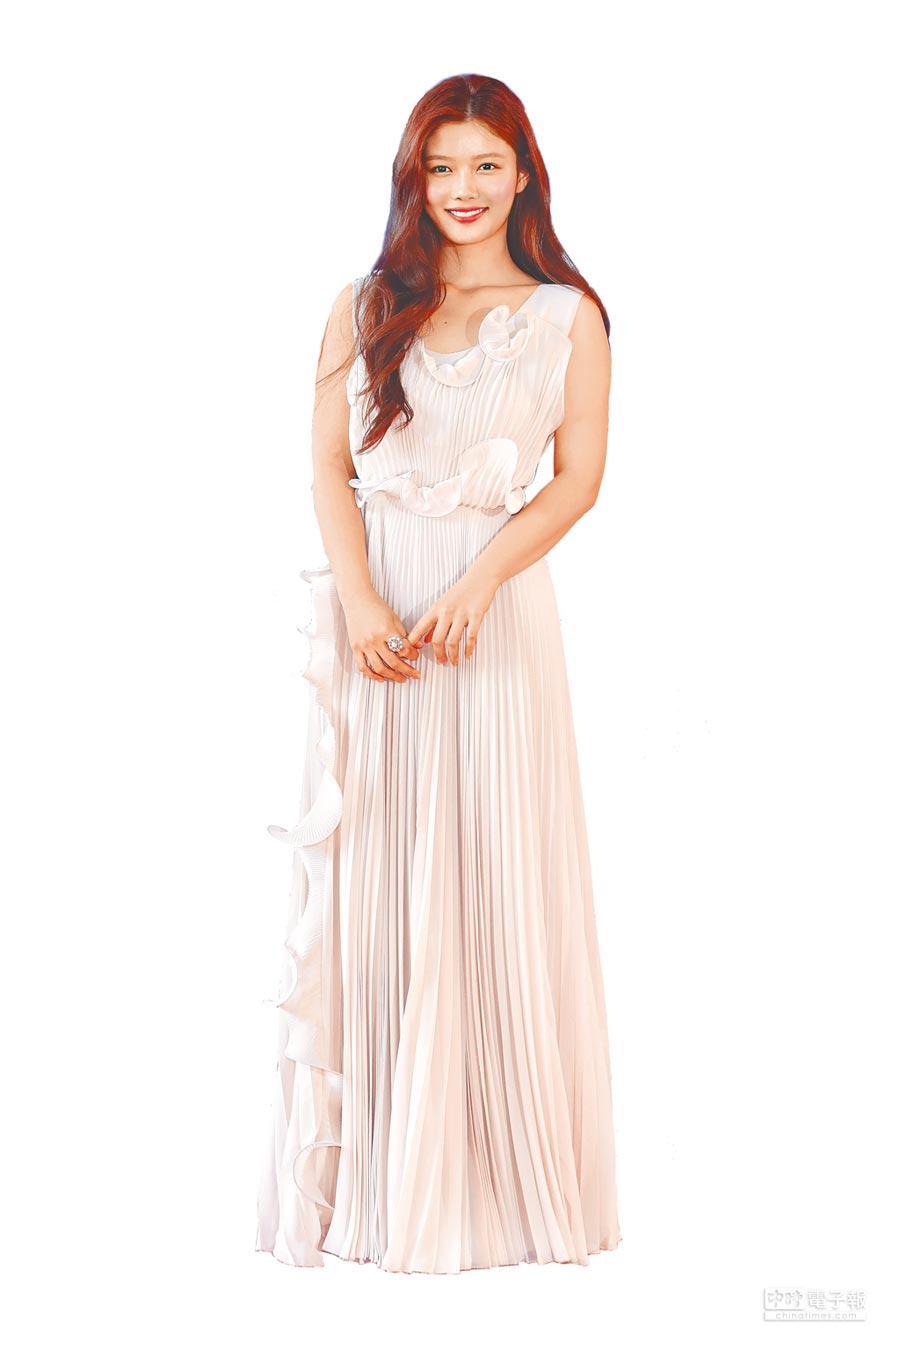 《雲畫的月光》女主角金裕貞(左)甜美出席百想藝術大賞,把H&M荷葉百褶長洋裝當成了晚禮服穿,與魯妮瑪拉撞衫。(CFP)